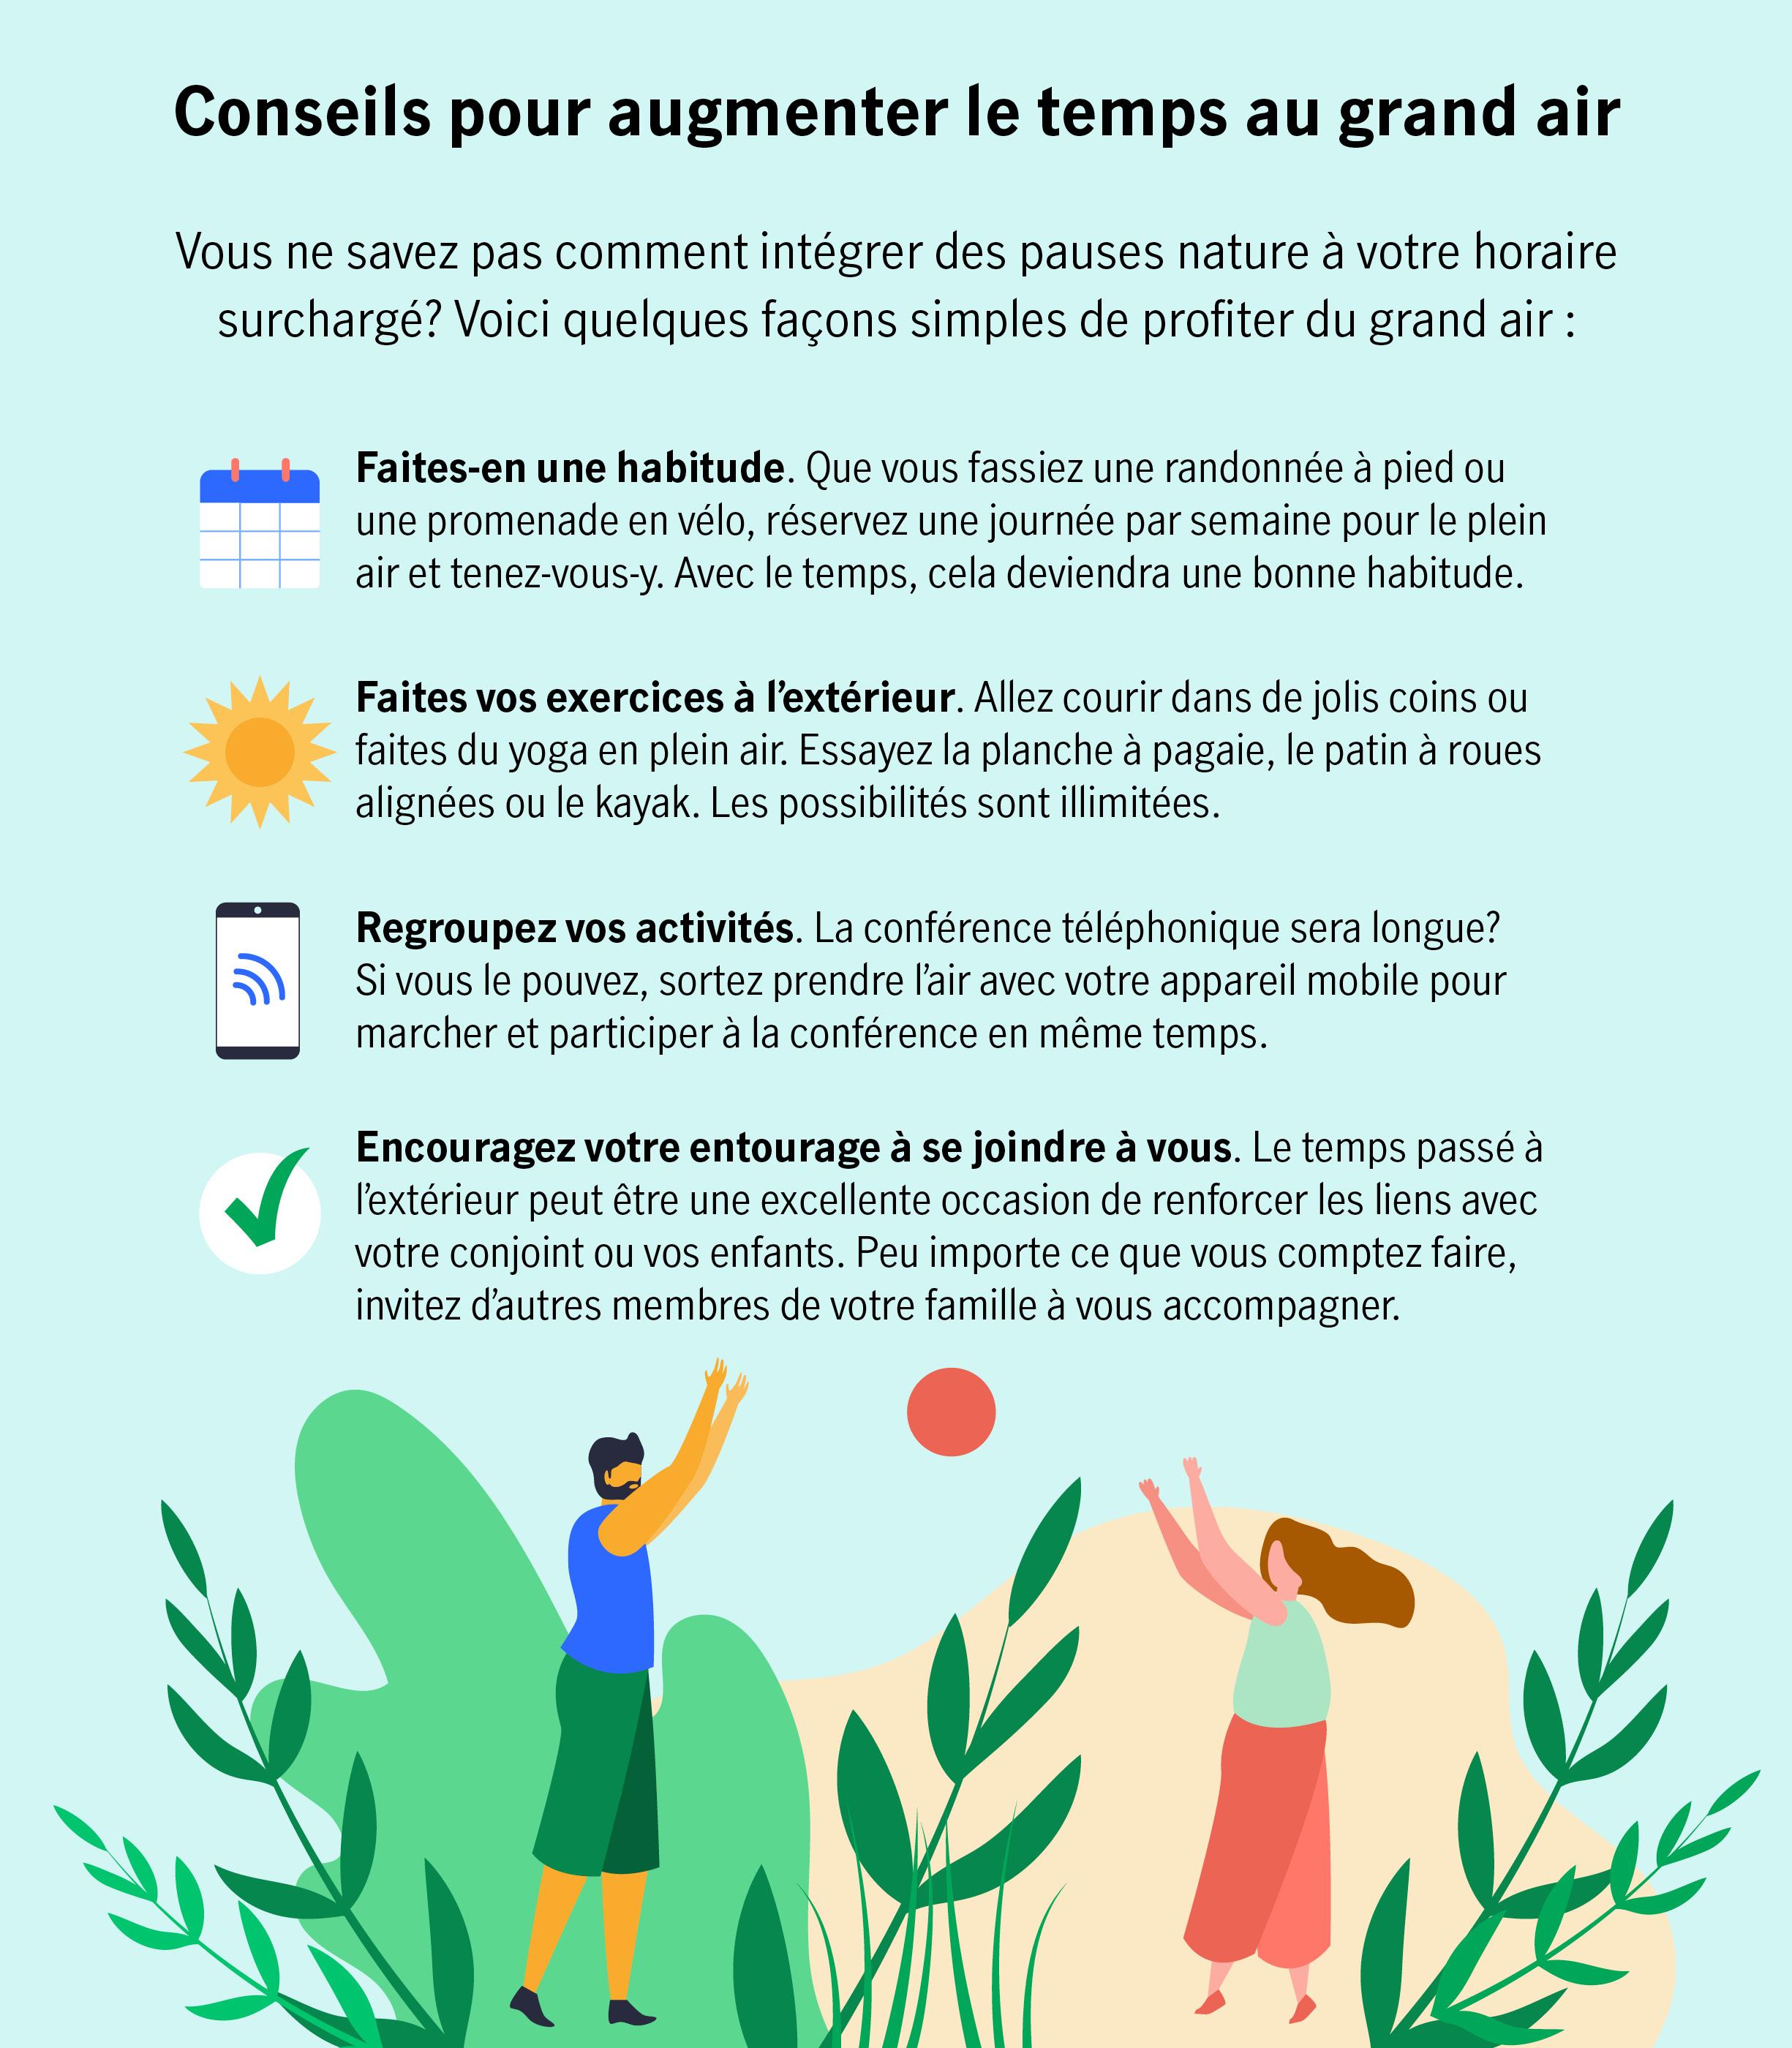 Conseils pour augmenter le temps au grand air  Vous ne savez pas comment intégrer des pauses nature à votre horaire surchargé? Voici quelques façons simples de profiter du grand air :  Faites-en une habitude. Que vous fassiez une randonnée à pied ou une promenade en vélo, réservez une journée par semaine pour le plein air et tenez-vous-y. Avec le temps, cela deviendra une bonne habitude.  Faites vos exercices à l'extérieur. Allez courir dans de jolis coins ou faites du yoga en plein air. Essayez la planche à pagaie, le patin à roues alignées ou le kayak. Les possibilités sont illimitées.  Regroupez vos activités. La conférence téléphonique sera longue? Si vous le pouvez, sortez prendre l'air avec votre appareil mobile pour marcher et participer à la conférence en même temps.     Encouragez votre entourage à se joindre à vous. Le temps passé à l'extérieur peut être une excellente occasion de renforcer les liens avec votre conjoint ou vos enfants. Peu importe ce que vous comptez faire, invitez d'autres membres de votre famille à vous accompagner.